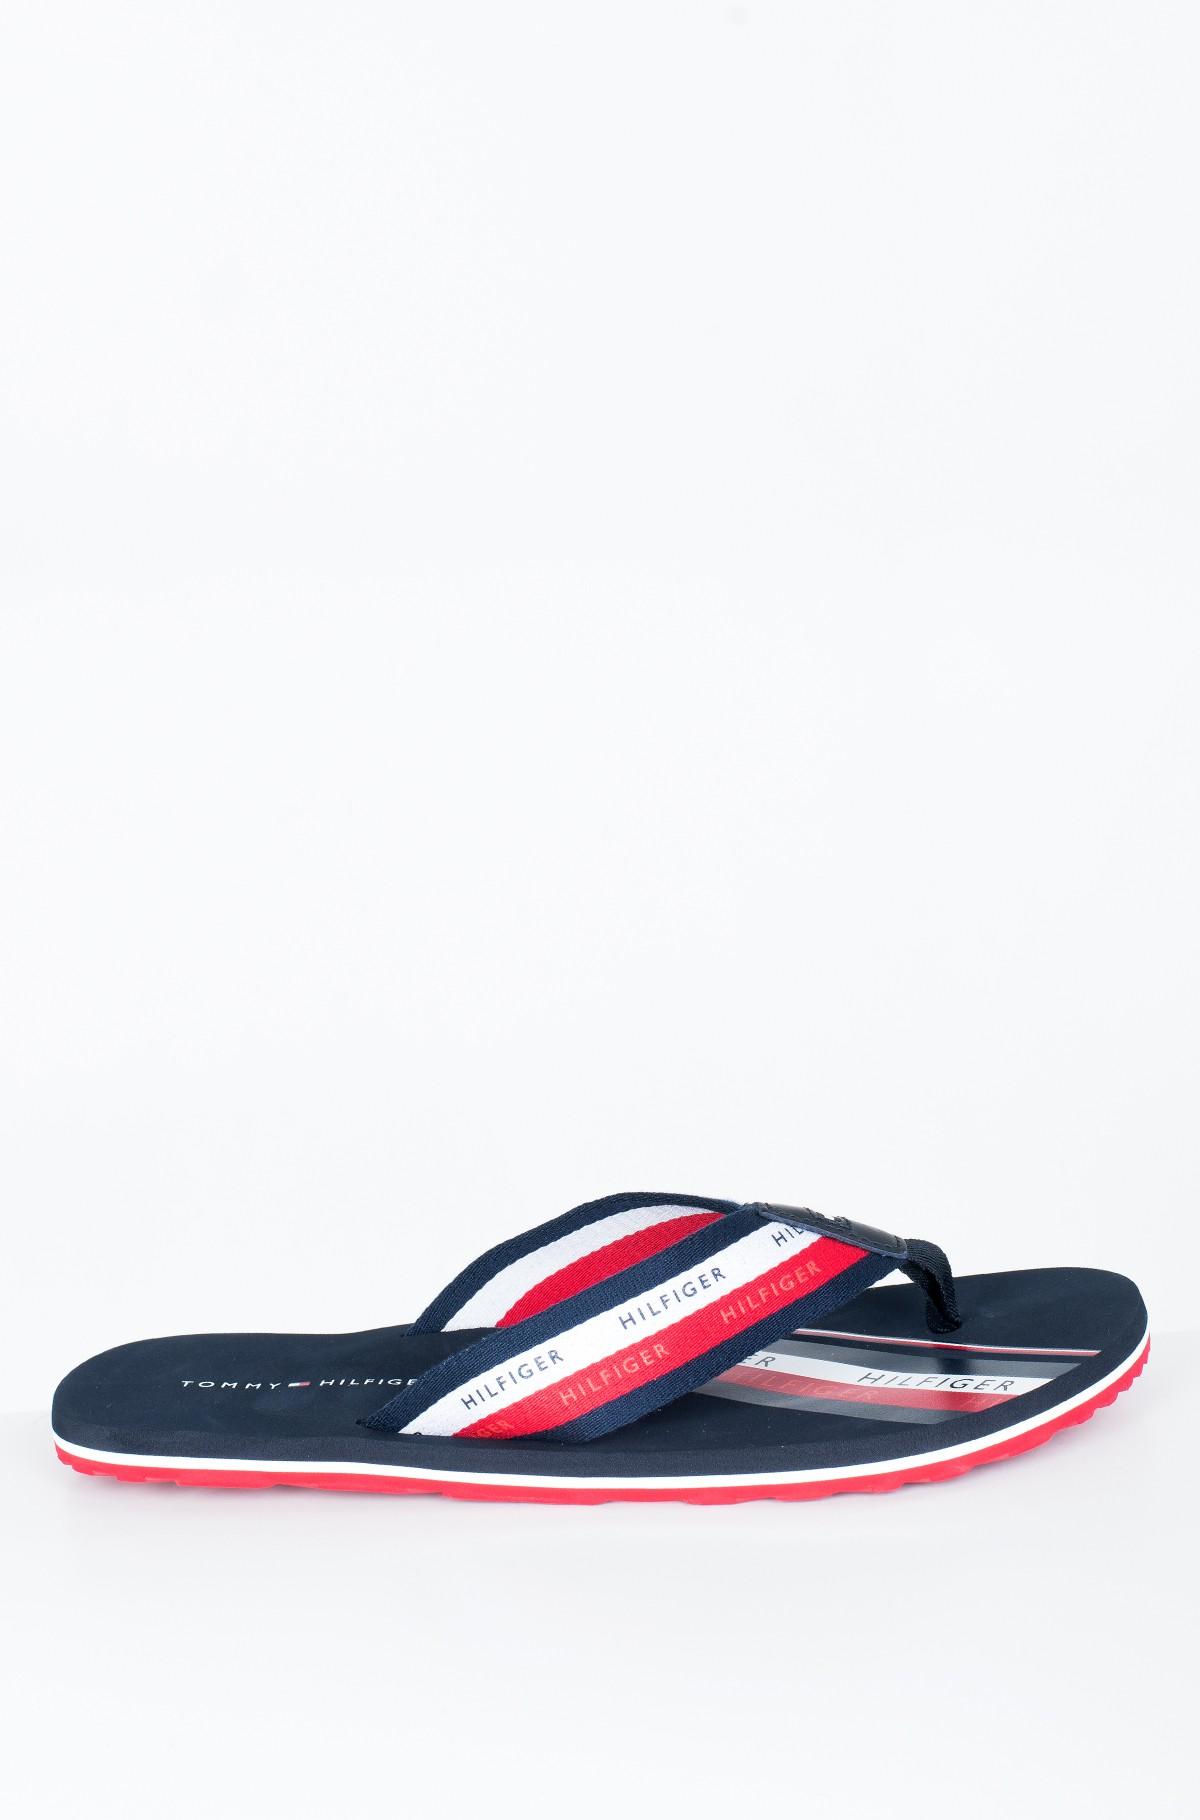 Flip-flops HILFIGER STRIPE BEACH SANDAL-full-3